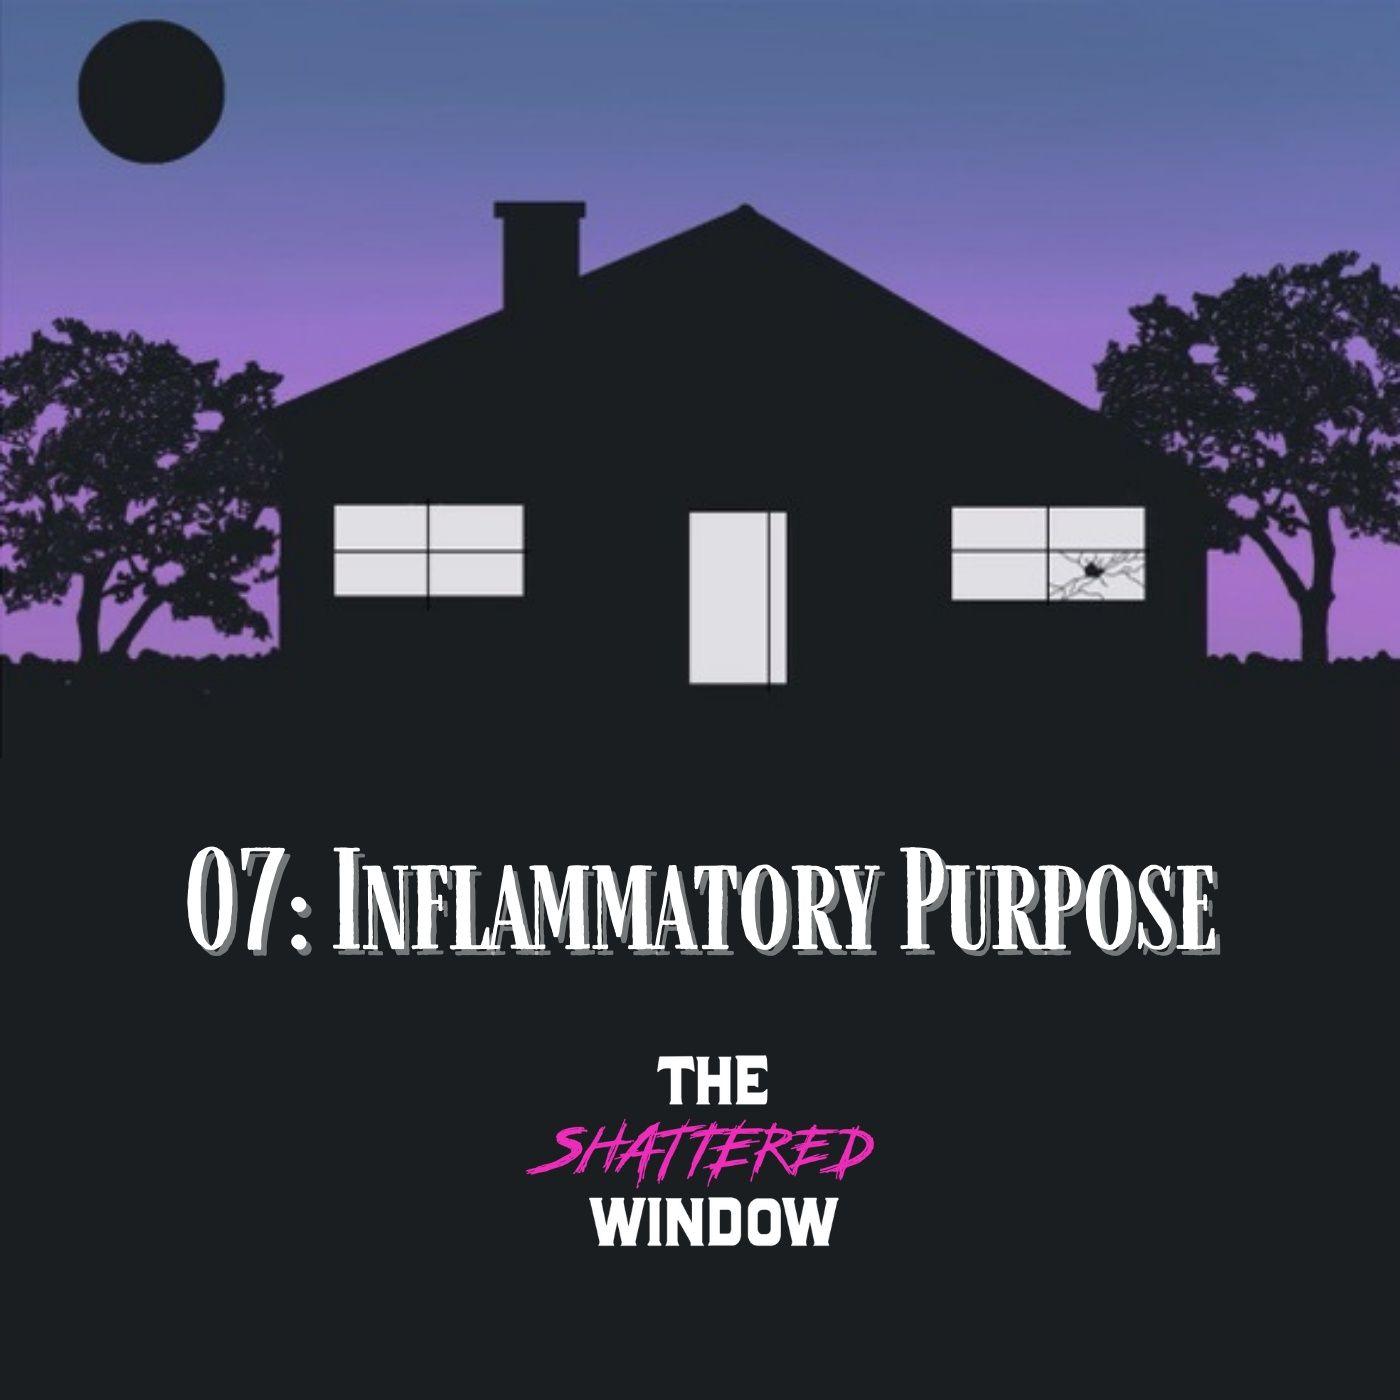 07: Inflammatory Purpose